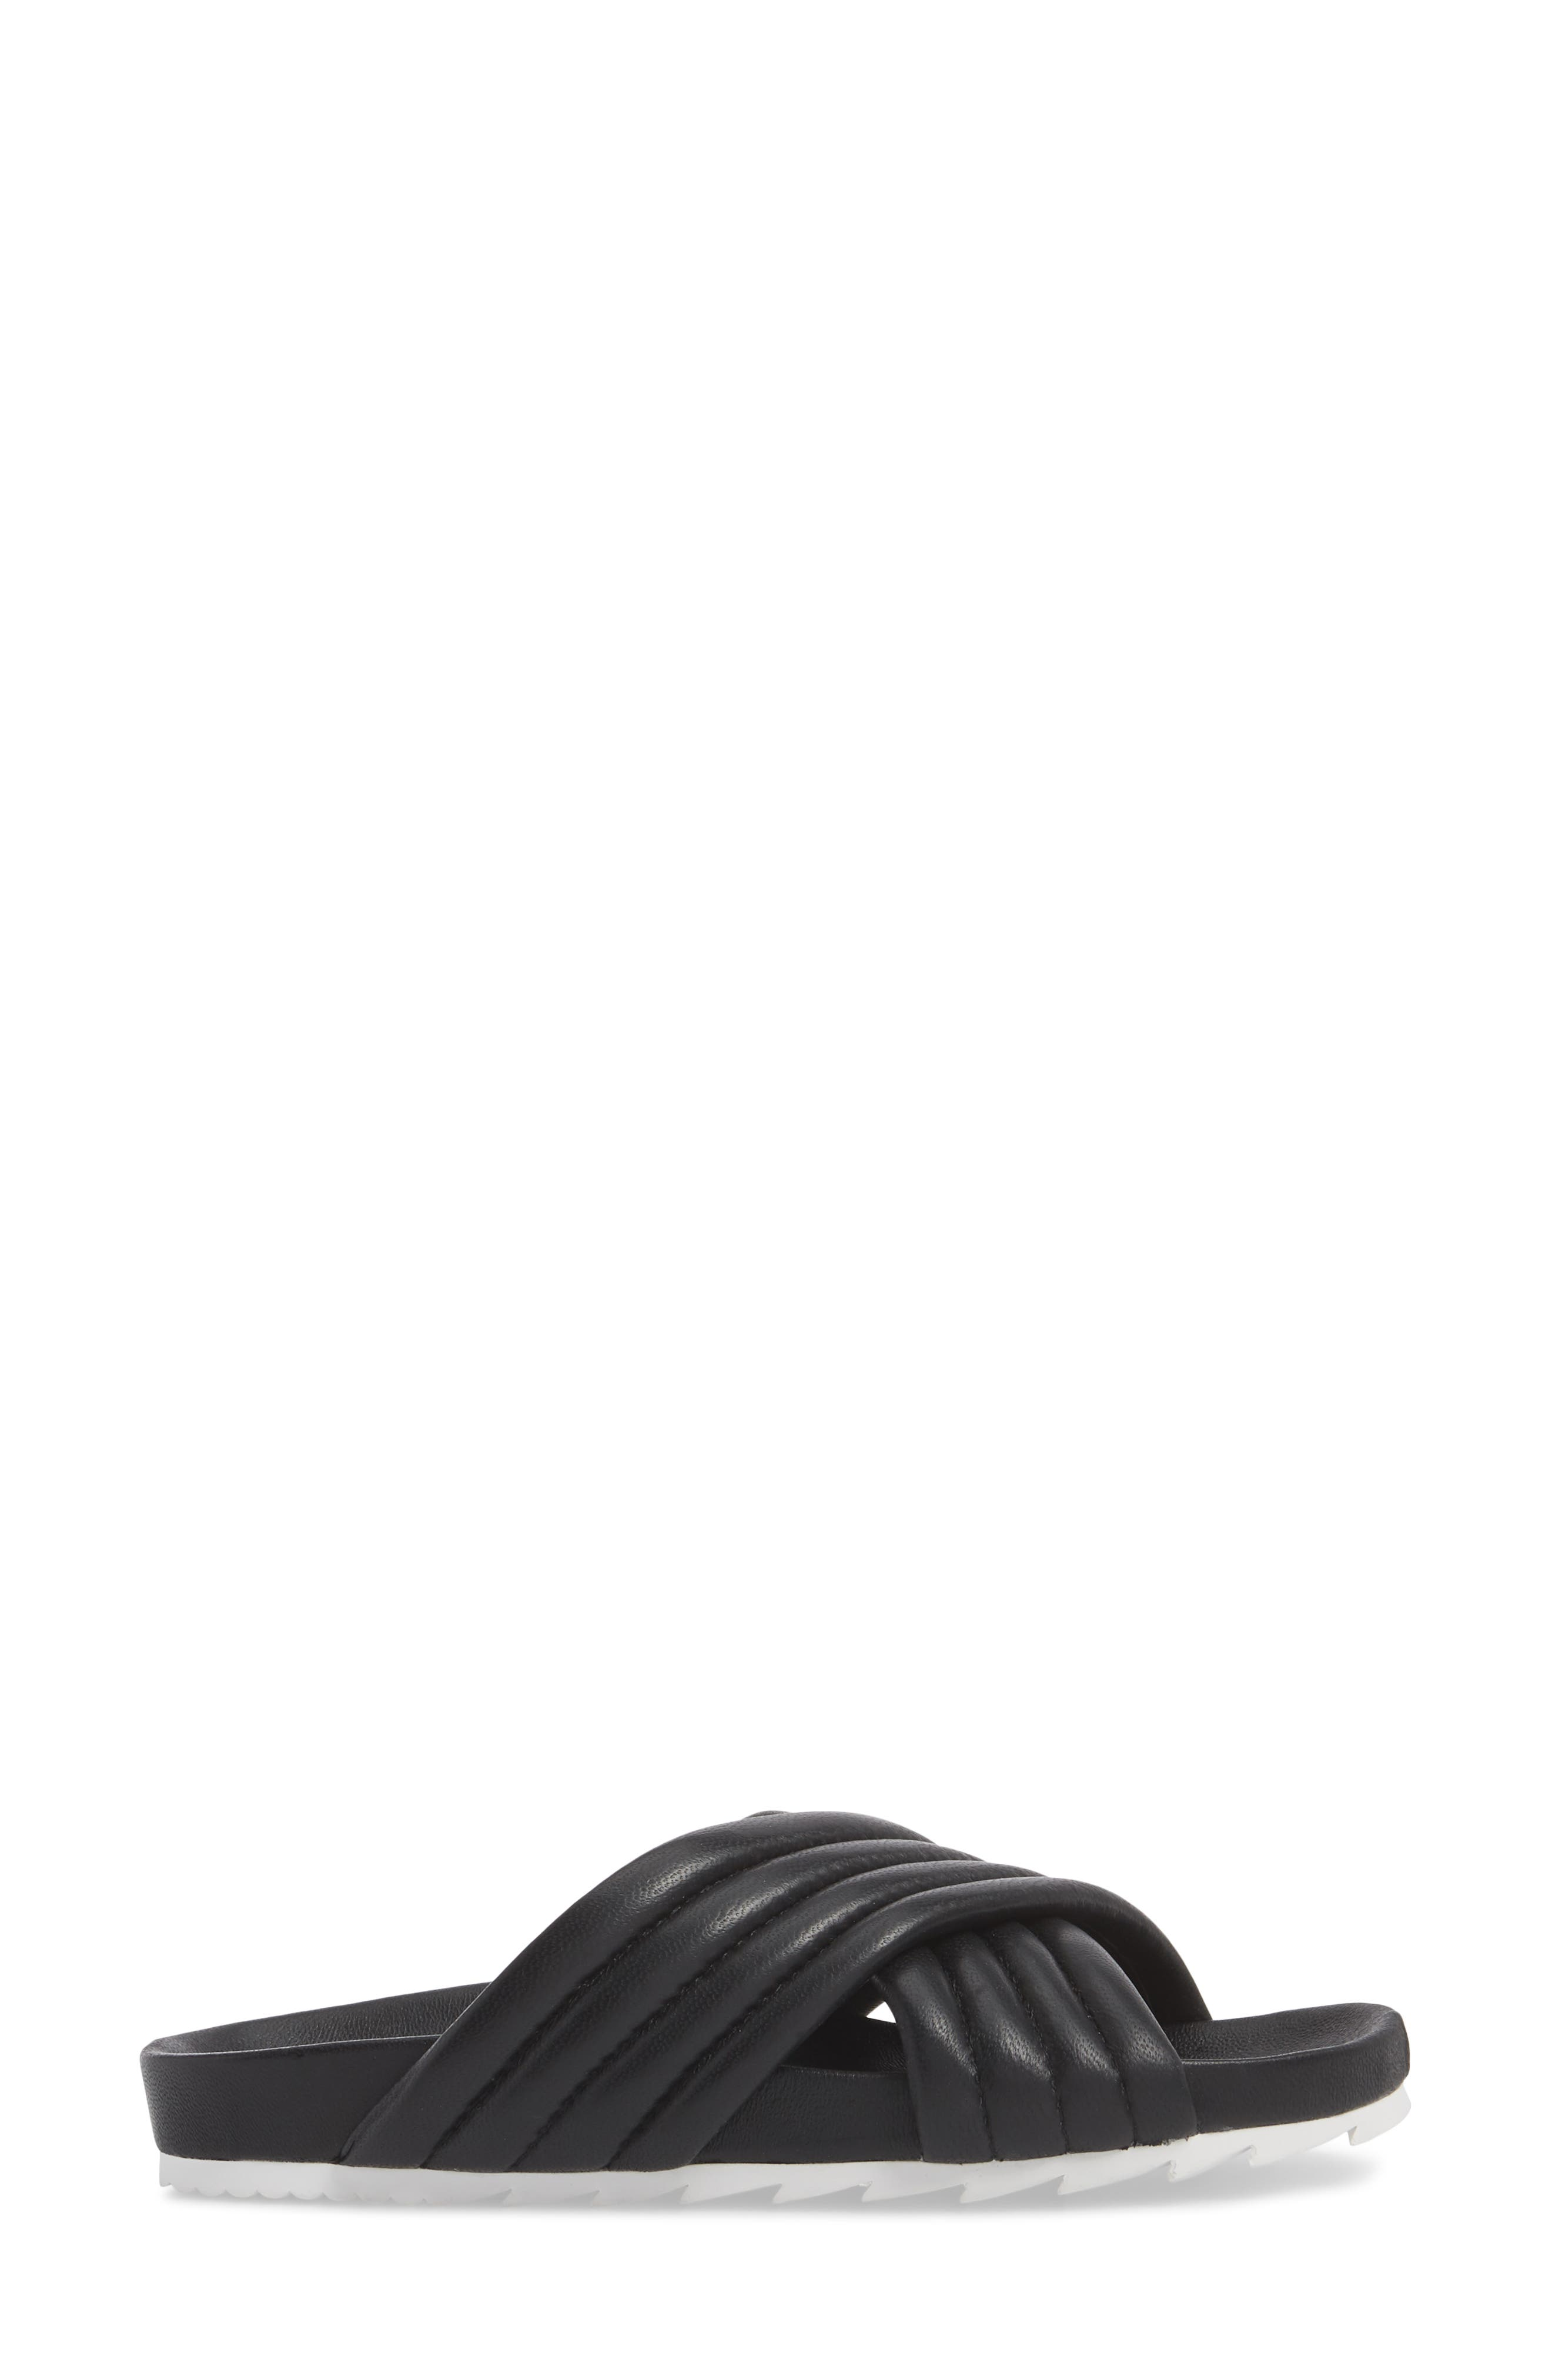 Easy Slide Sandal,                             Alternate thumbnail 3, color,                             BLACK LEATHER